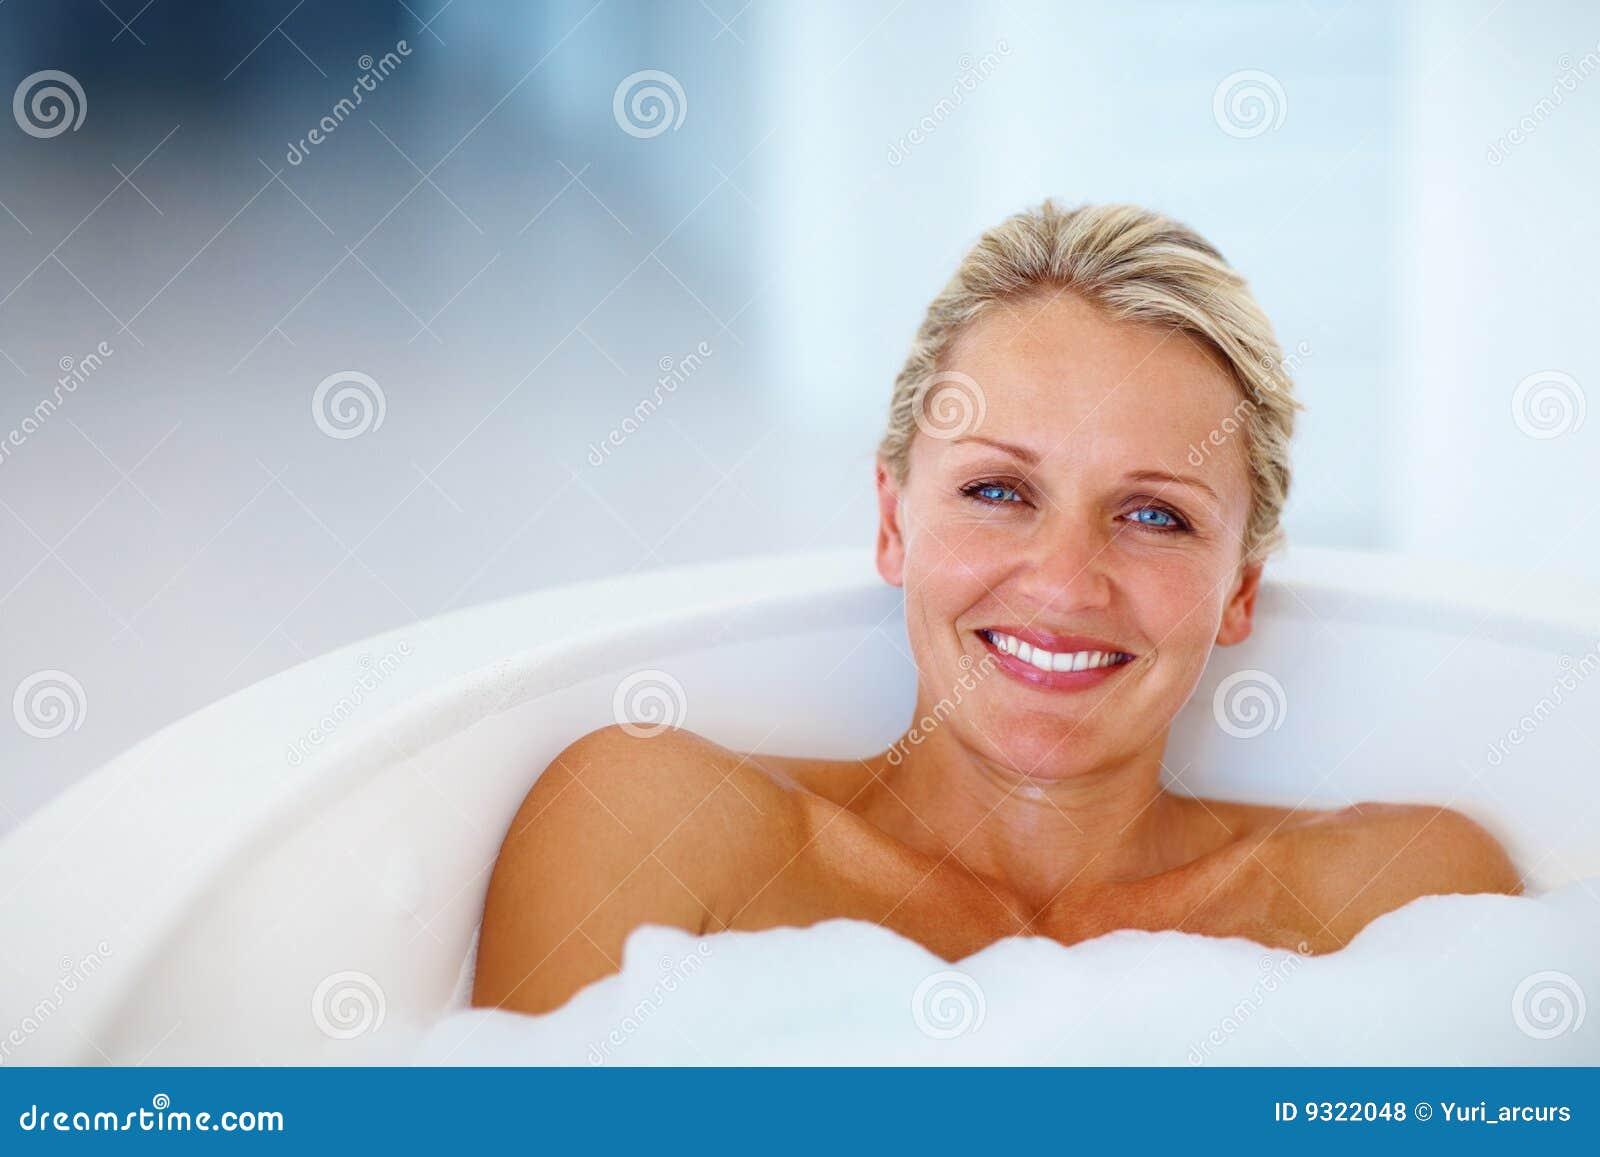 Fotografie stock libere da diritti cute mature woman relaxing in the bathtub immagine 9322048 - Mature in bagno ...